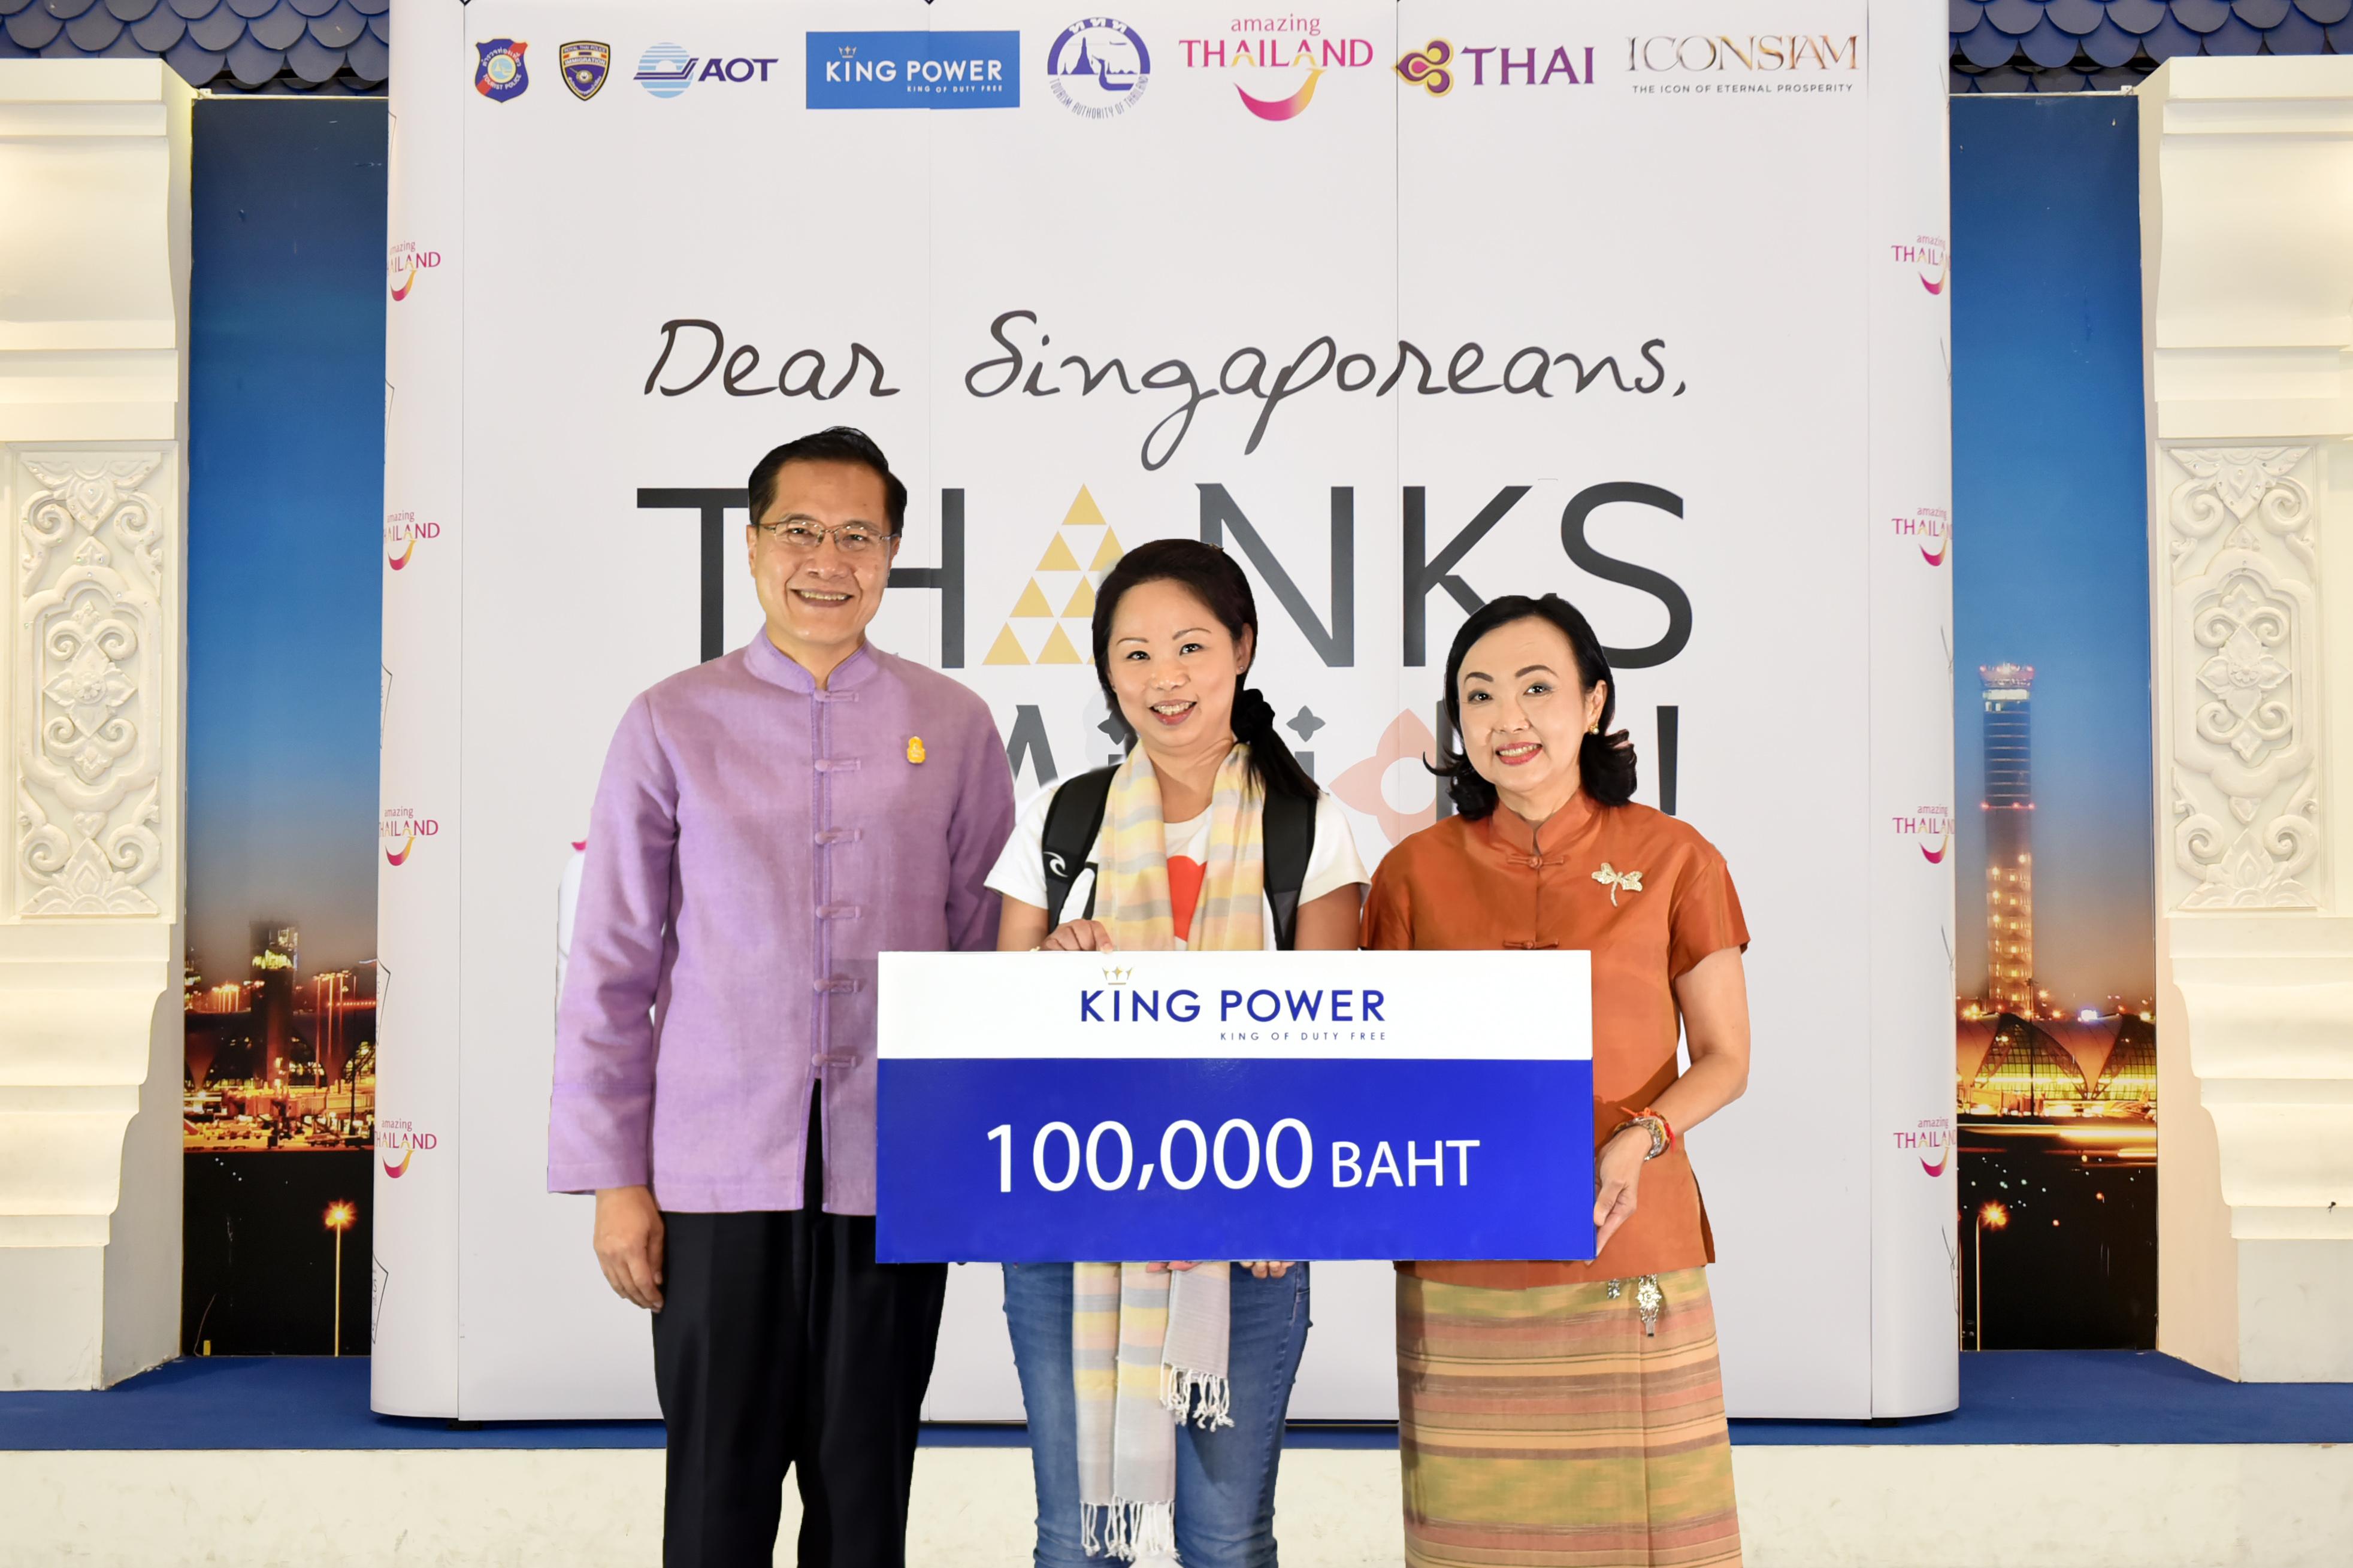 คิง เพาเวอร์ ร่วมกับ ททท. ให้การต้อนรับนักท่องเที่ยวชาวสิงคโปร์คนที่หนึ่งล้านของปี 2018